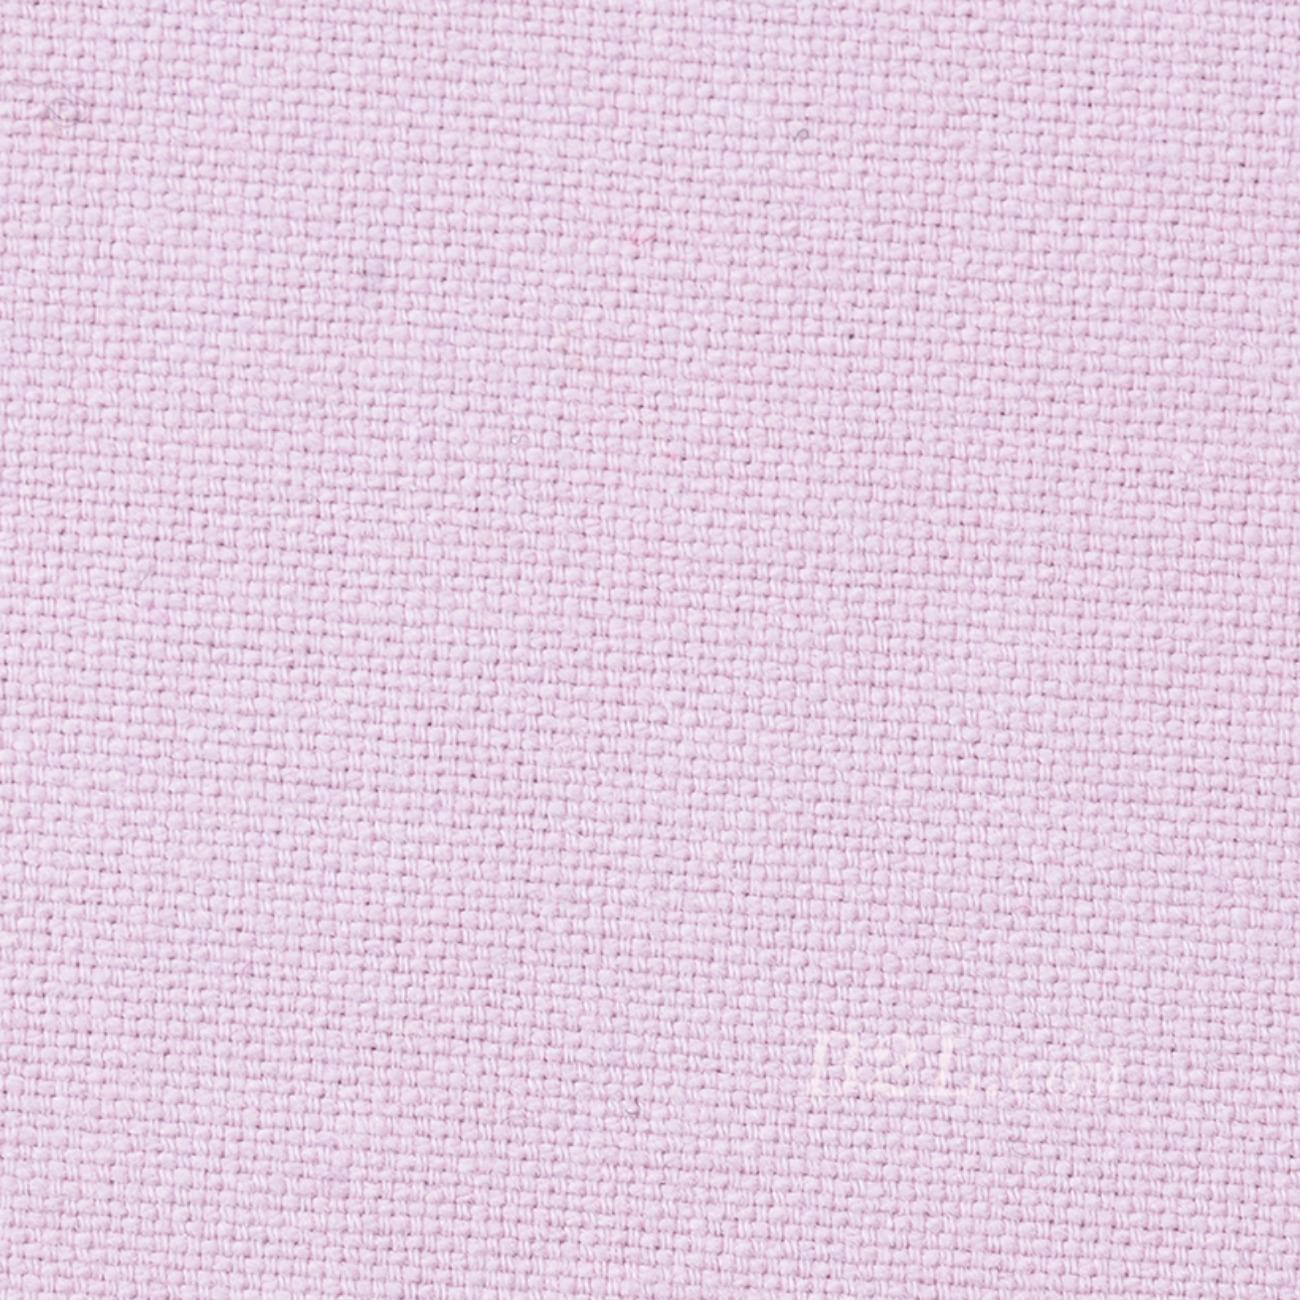 素色 梭织 染色 无弹 连衣裙 衬衫 柔软 细腻 女装 春夏 71116-37